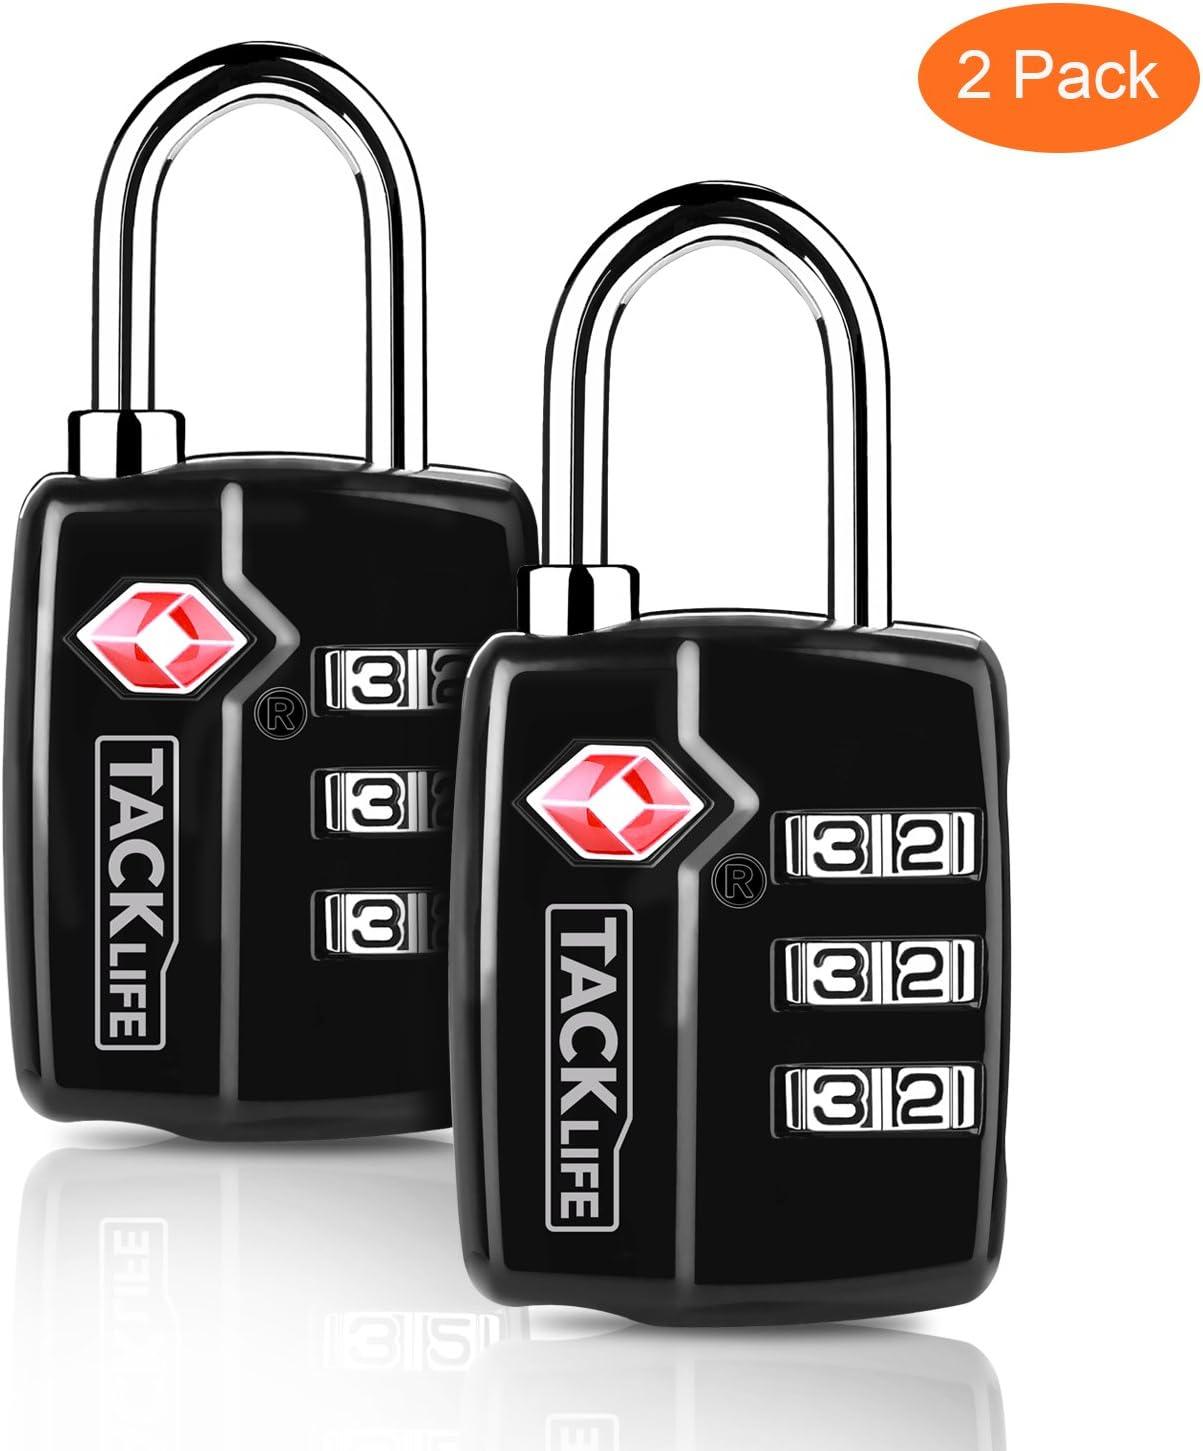 Candados para equipaje, 2-Piezas-Tacklife HCL3A TSA Approved Candado combinaci¨®n, Cerradura de combinaci¨®n con 3 d¨ªgitos para los bolsos, maletas en el Viaje Giminacio y Escuela